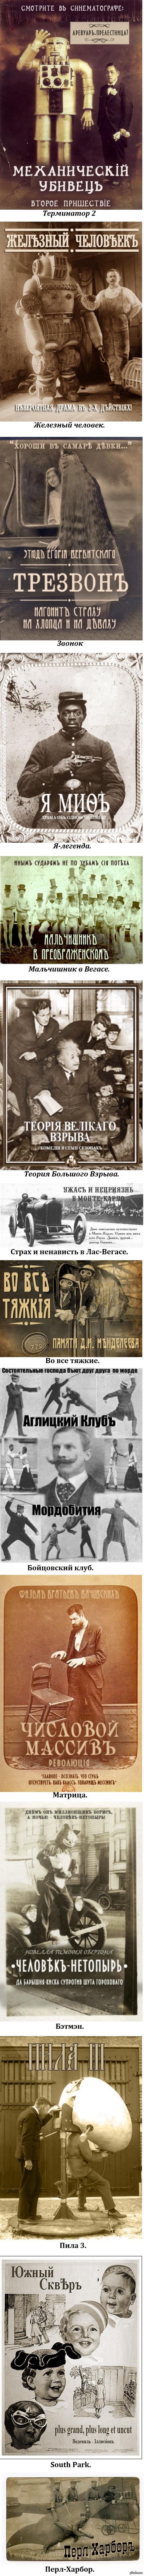 Современное кино по-старому. шуточная затея жителей Лепры